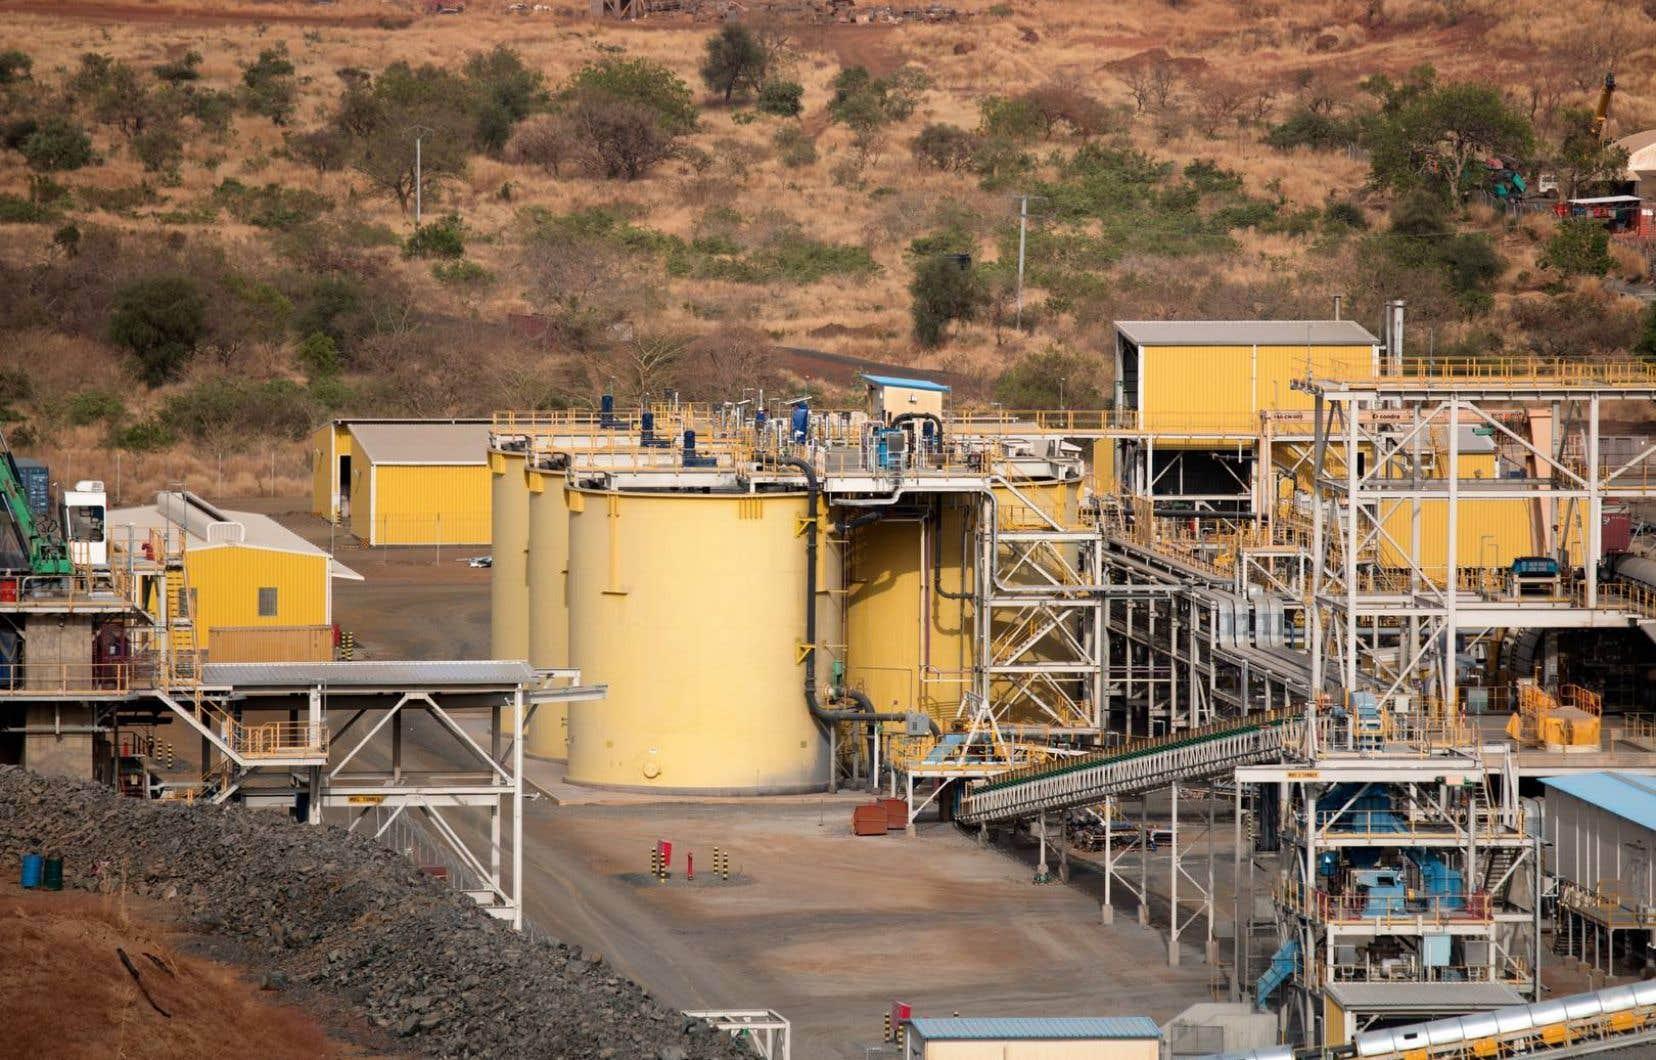 Le convoi a été attaqué à environ 40 kilomètres de la mine Boungou (photo).